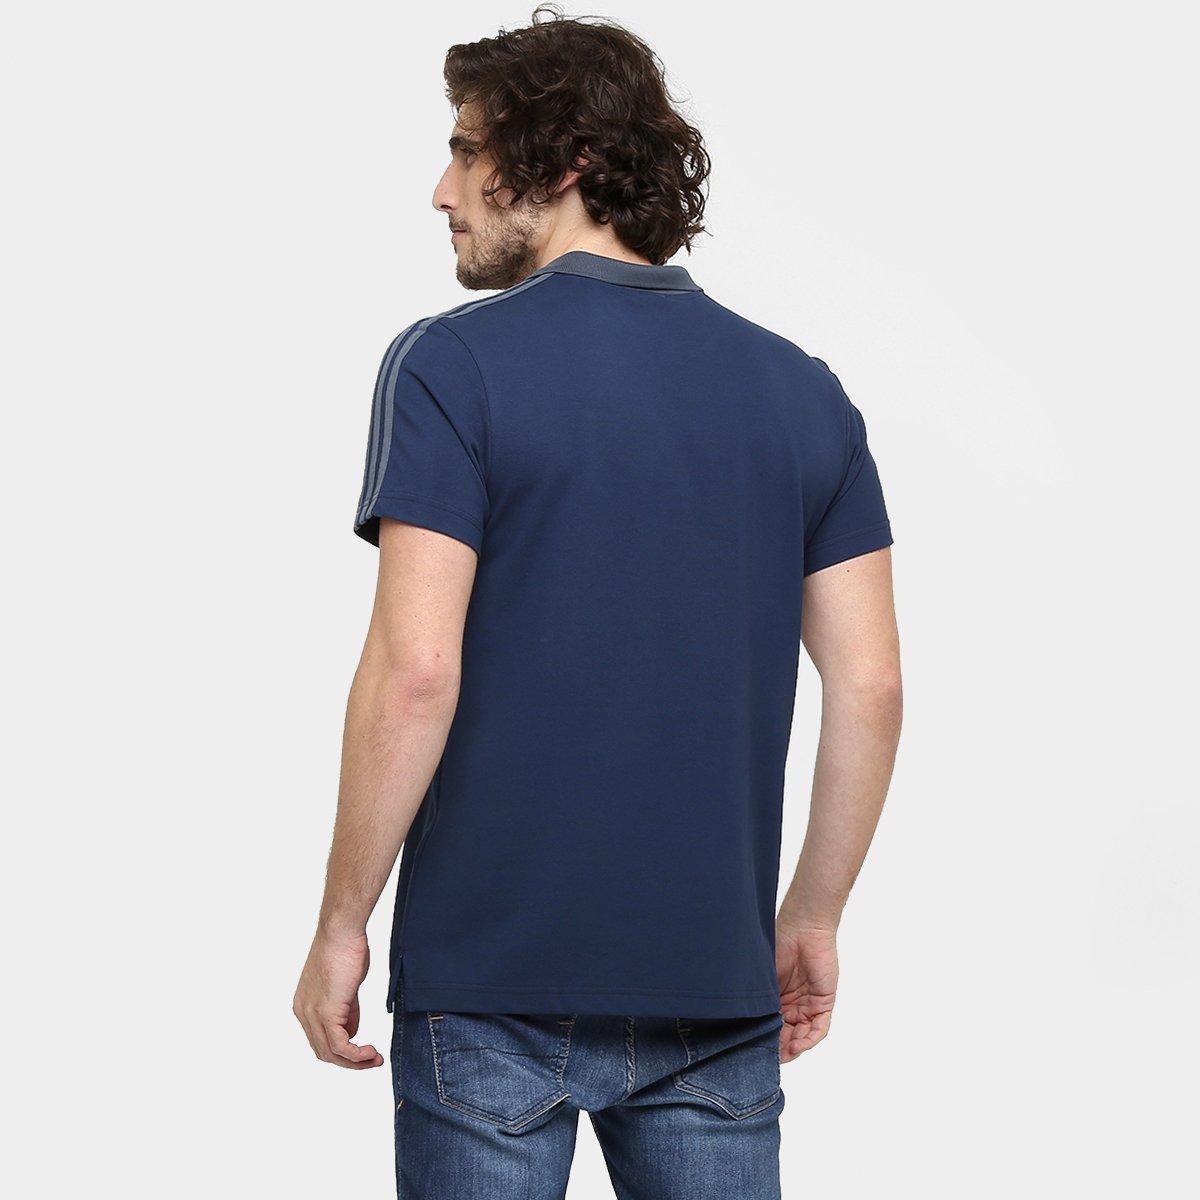 cd3943d8c3 Camisa Pólo Adidas France Ess - Compre Agora